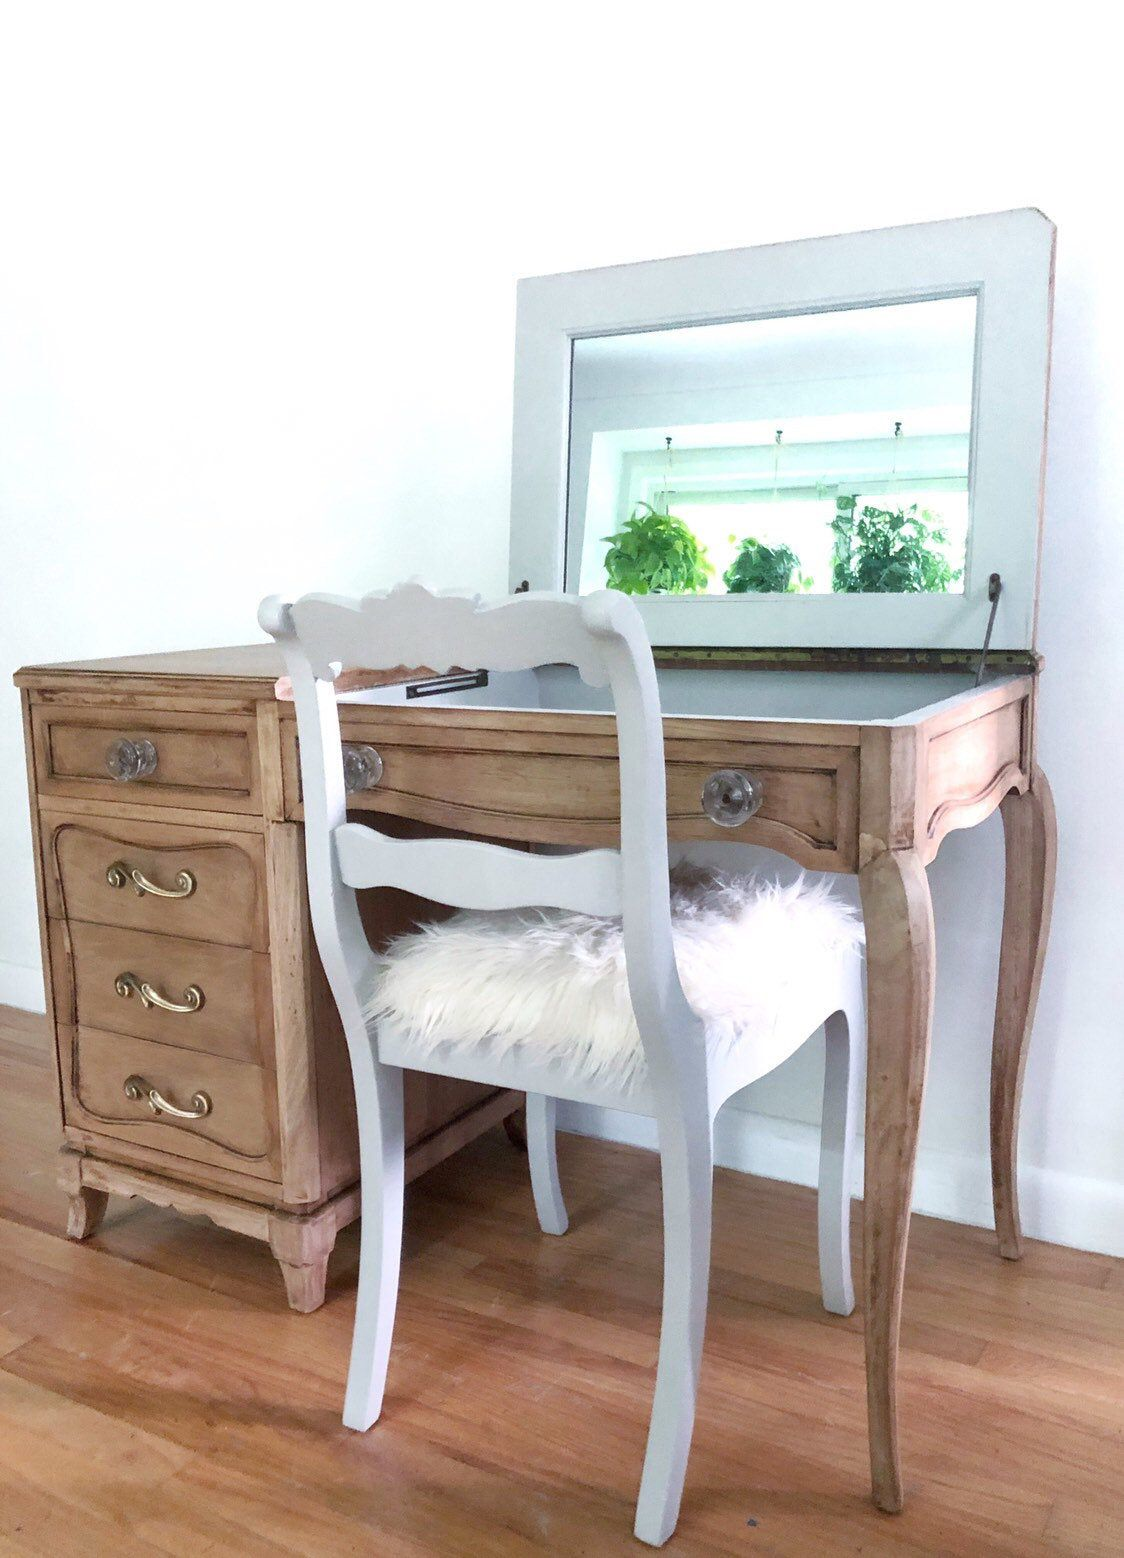 Rway vintage Art Deco style vanity dressing table makeup